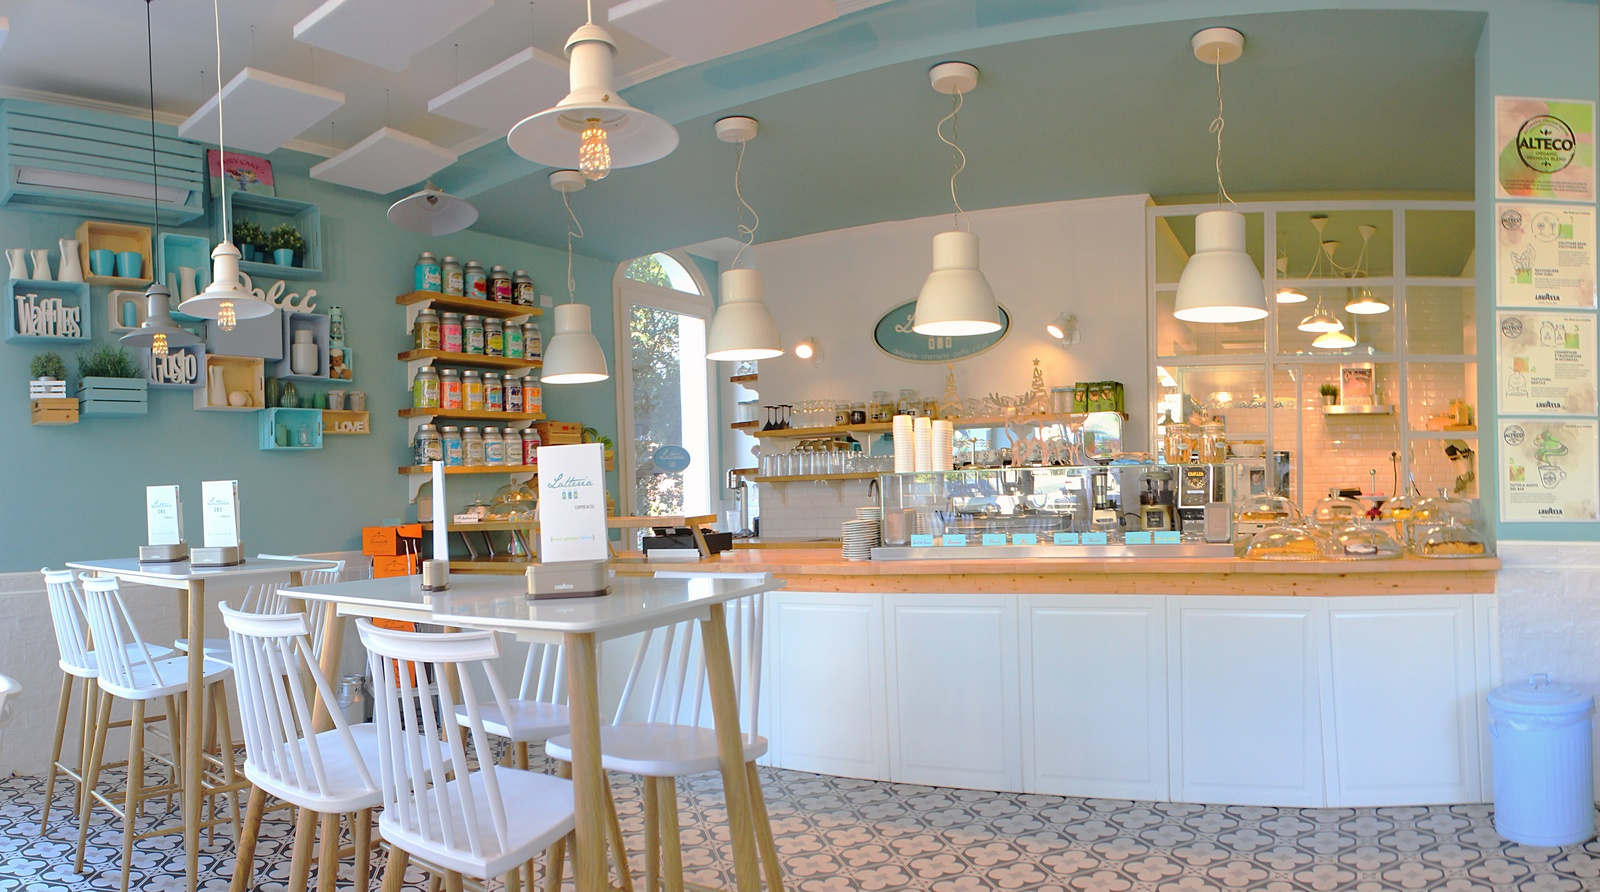 Bar Arredati Con Pallet bar latteria 2.0 borgio verezzi | un'idea di bar più sana e